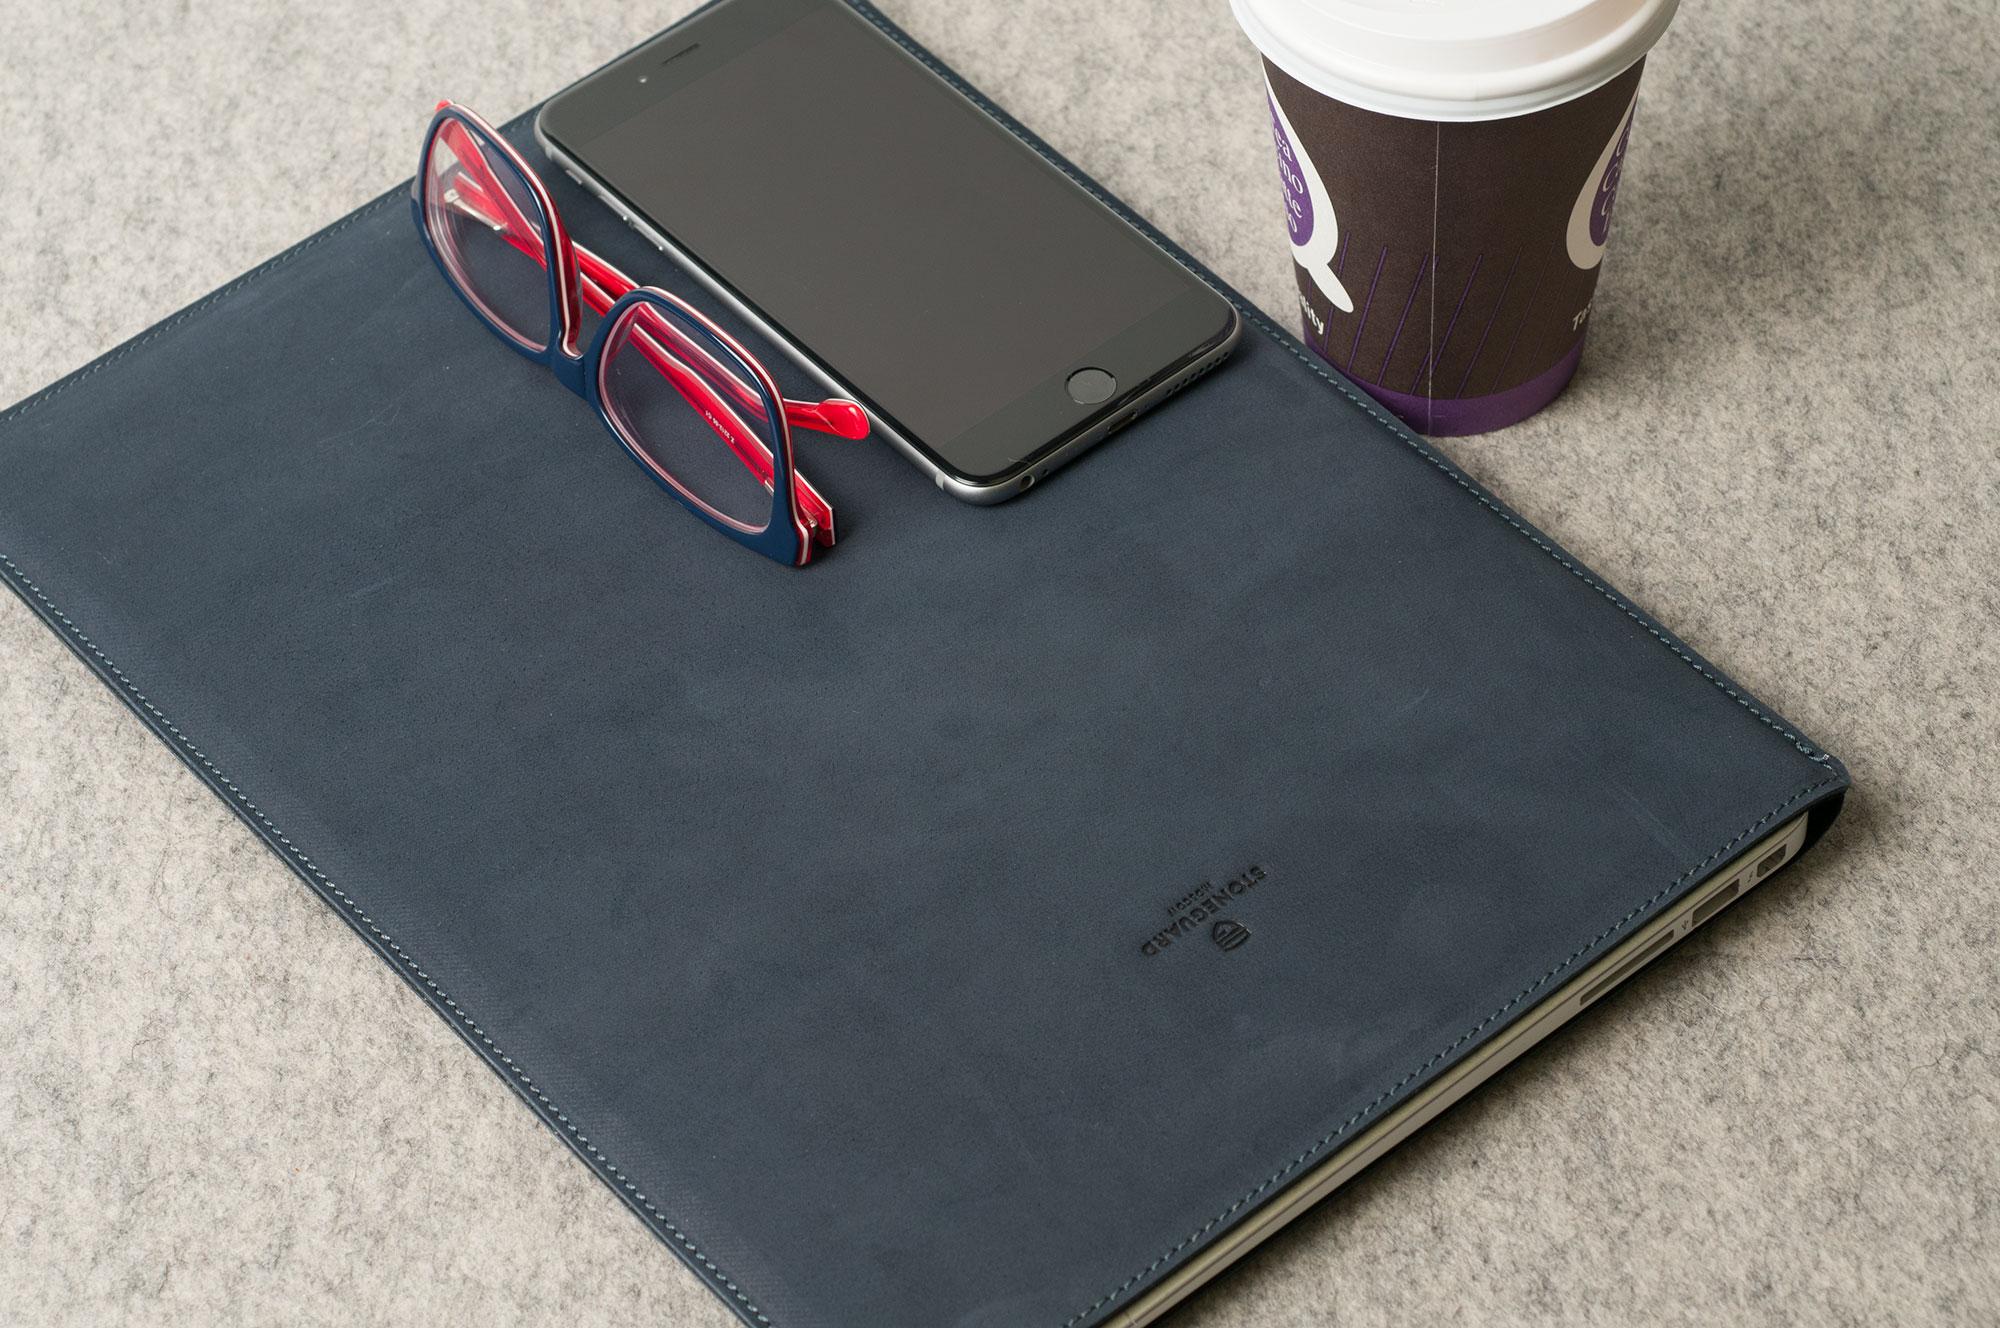 Чехол из кожи для ноутбуков своими руками